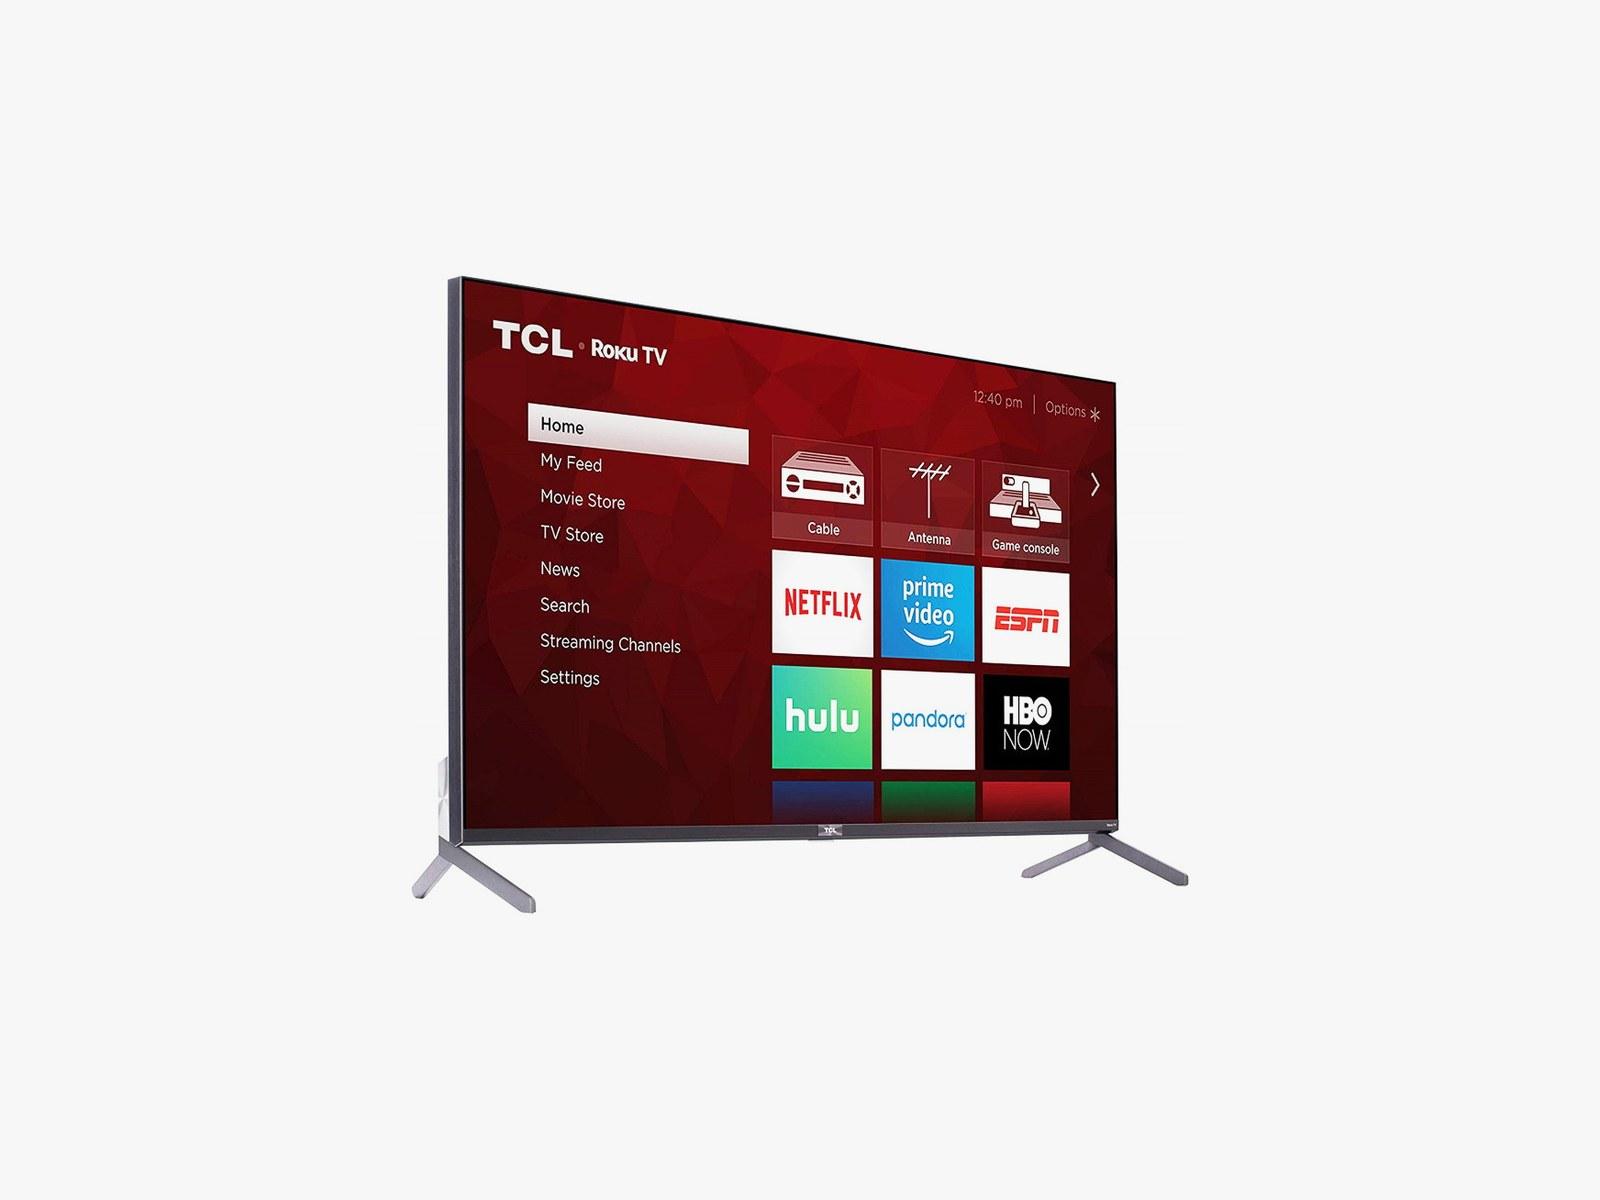 این برند کمتر شناخته شده به خوبی توانسته بین بهترین تلویزیونهای ۲۰۱۹ جا بگیرد